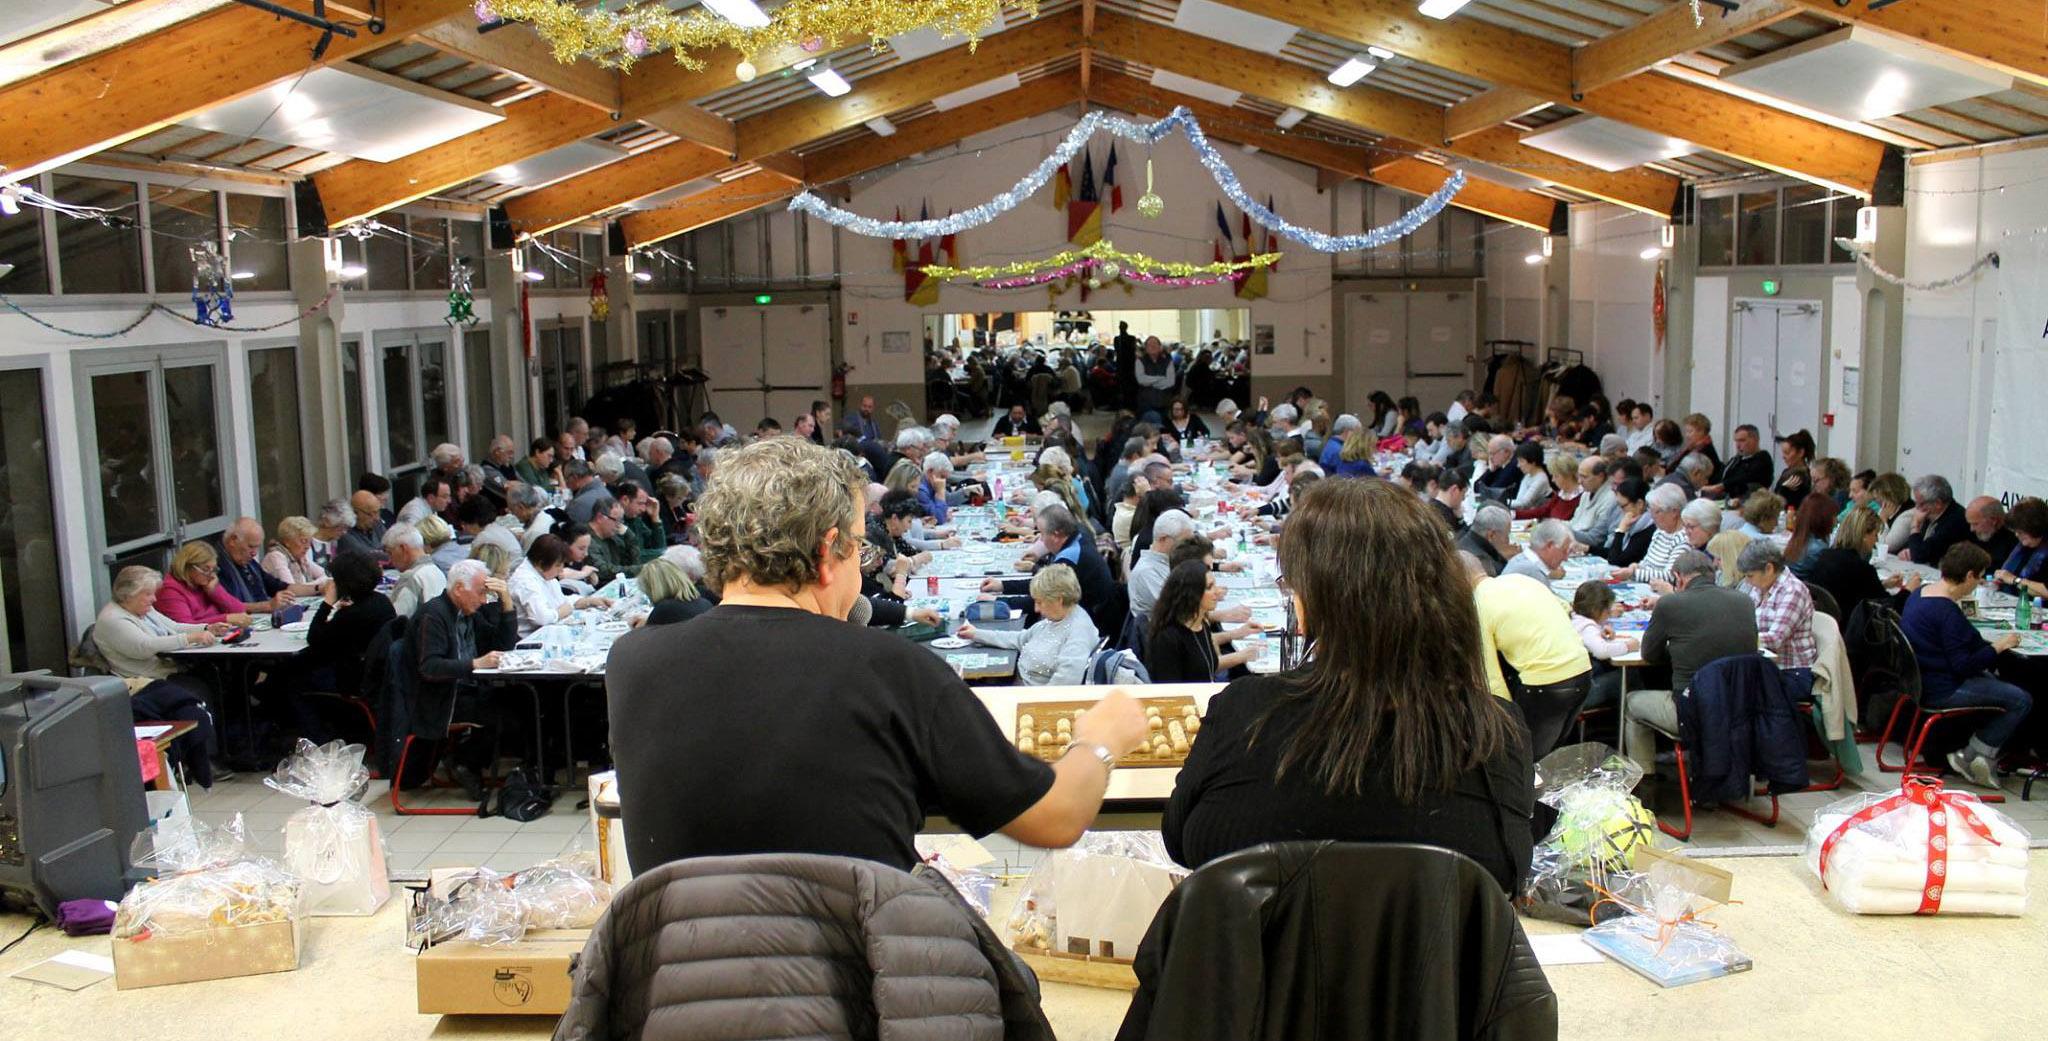 Amicale corse d'Aix-en-Provence : Un second loto pour démarrer l'année !